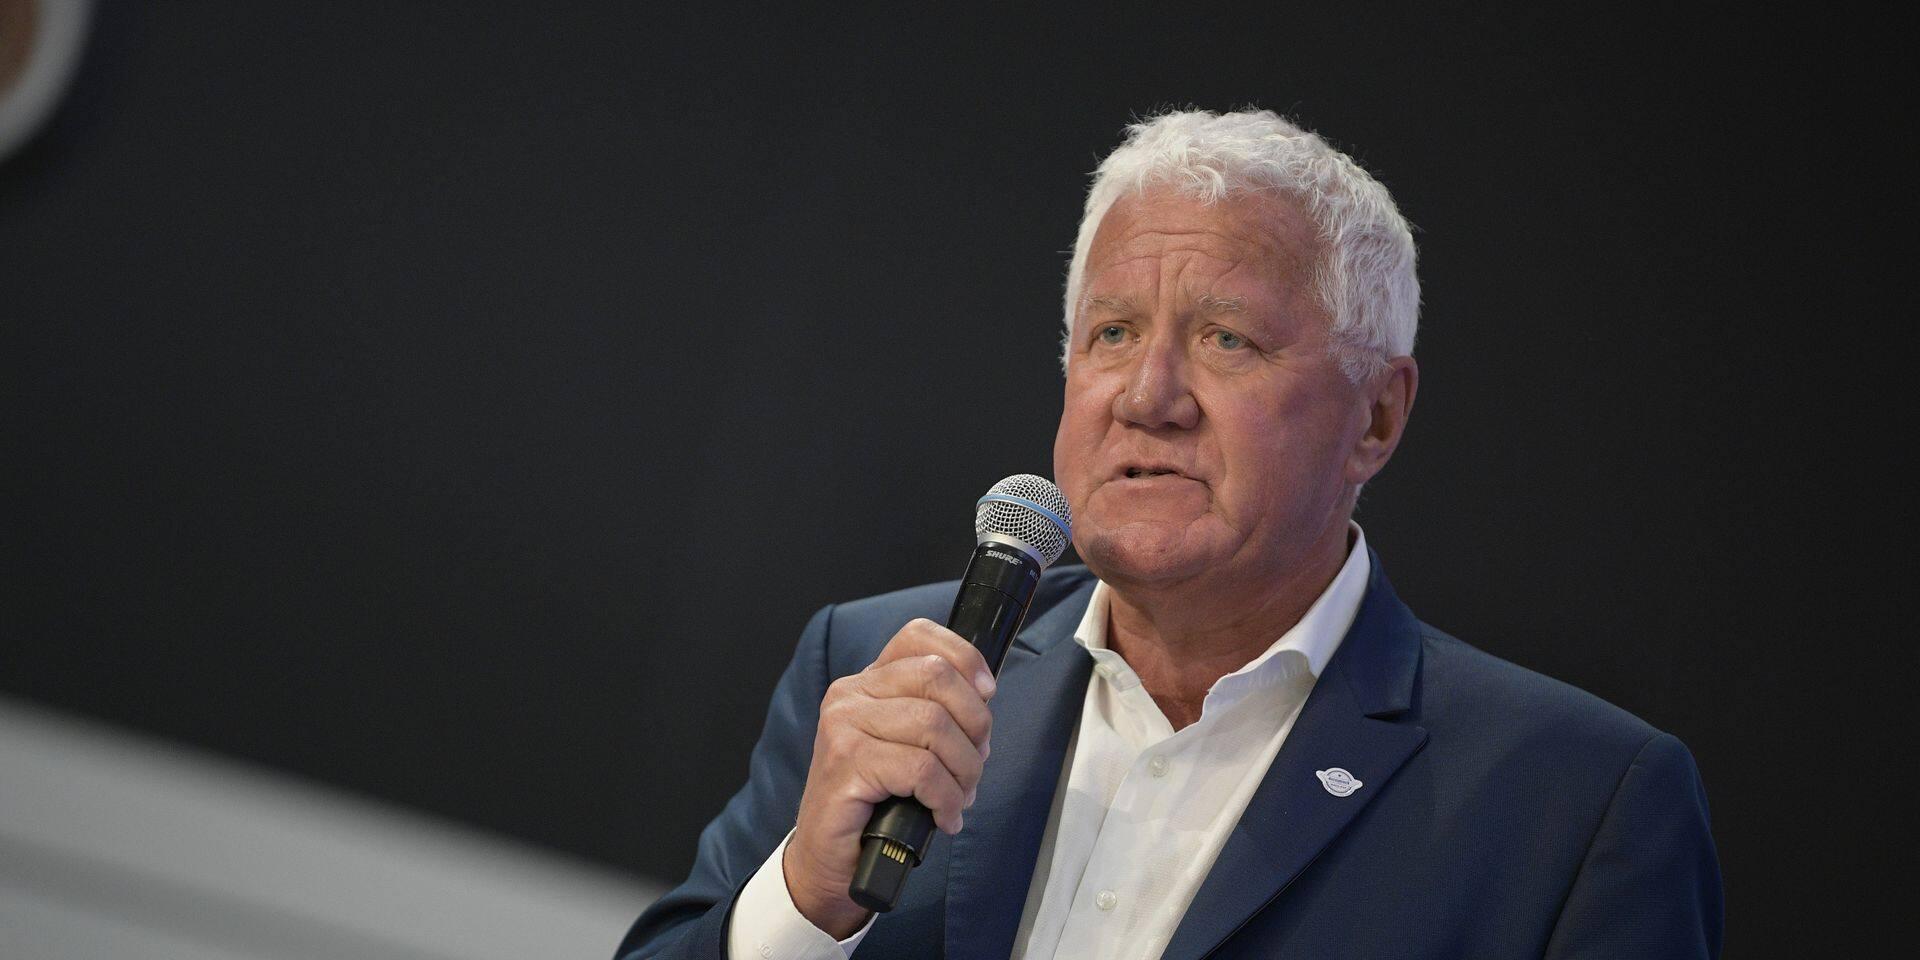 Présentation de l'équipe Deceuninck-Quick.Step: Le manager Patrick Lefevere veut continuer à engranger les succès en 2020